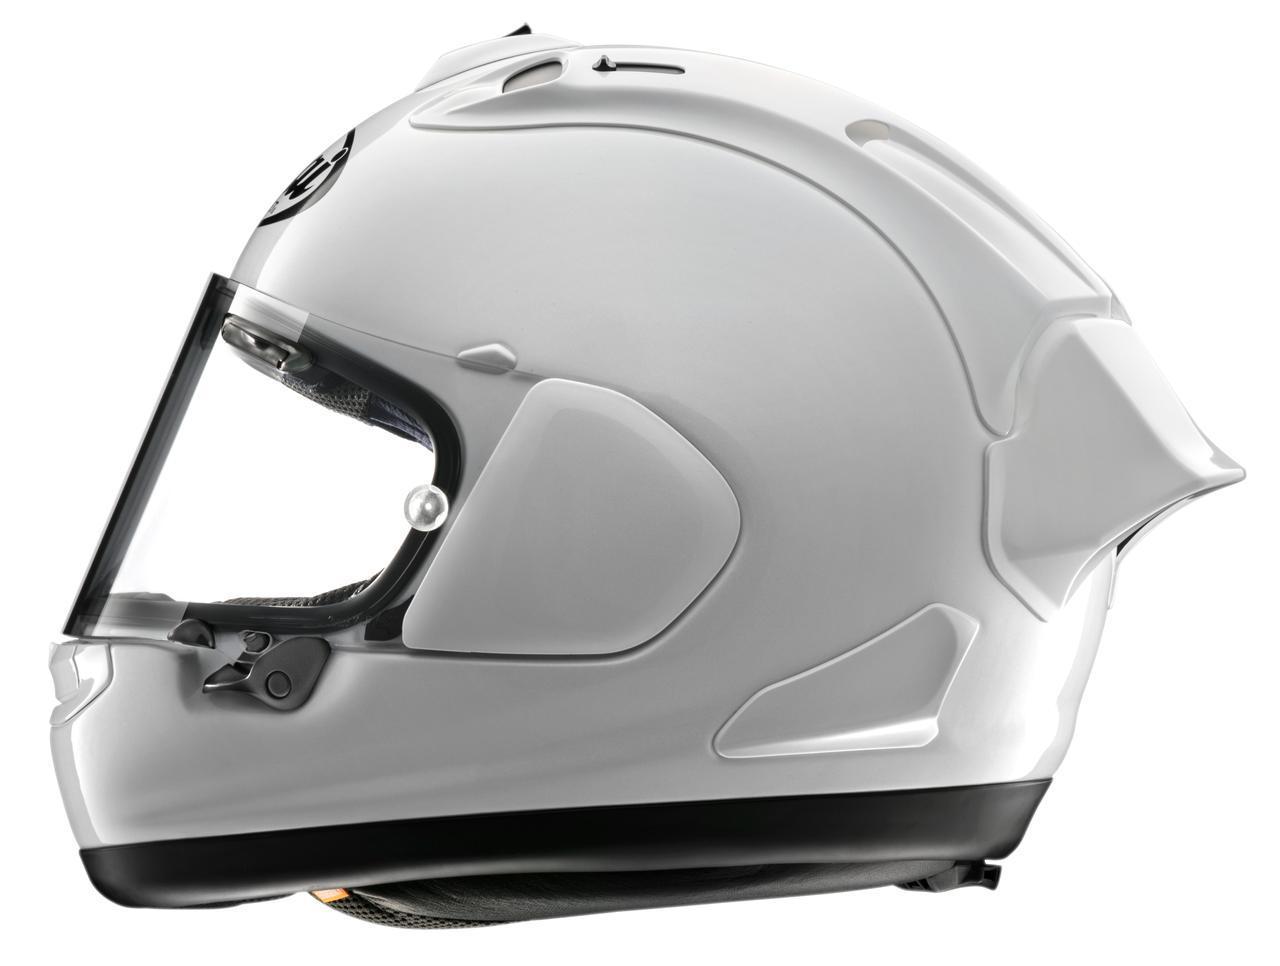 画像3: 後頭部に注目! 待望のエアロデバイスを採用した本格レーサー仕様のヘルメット